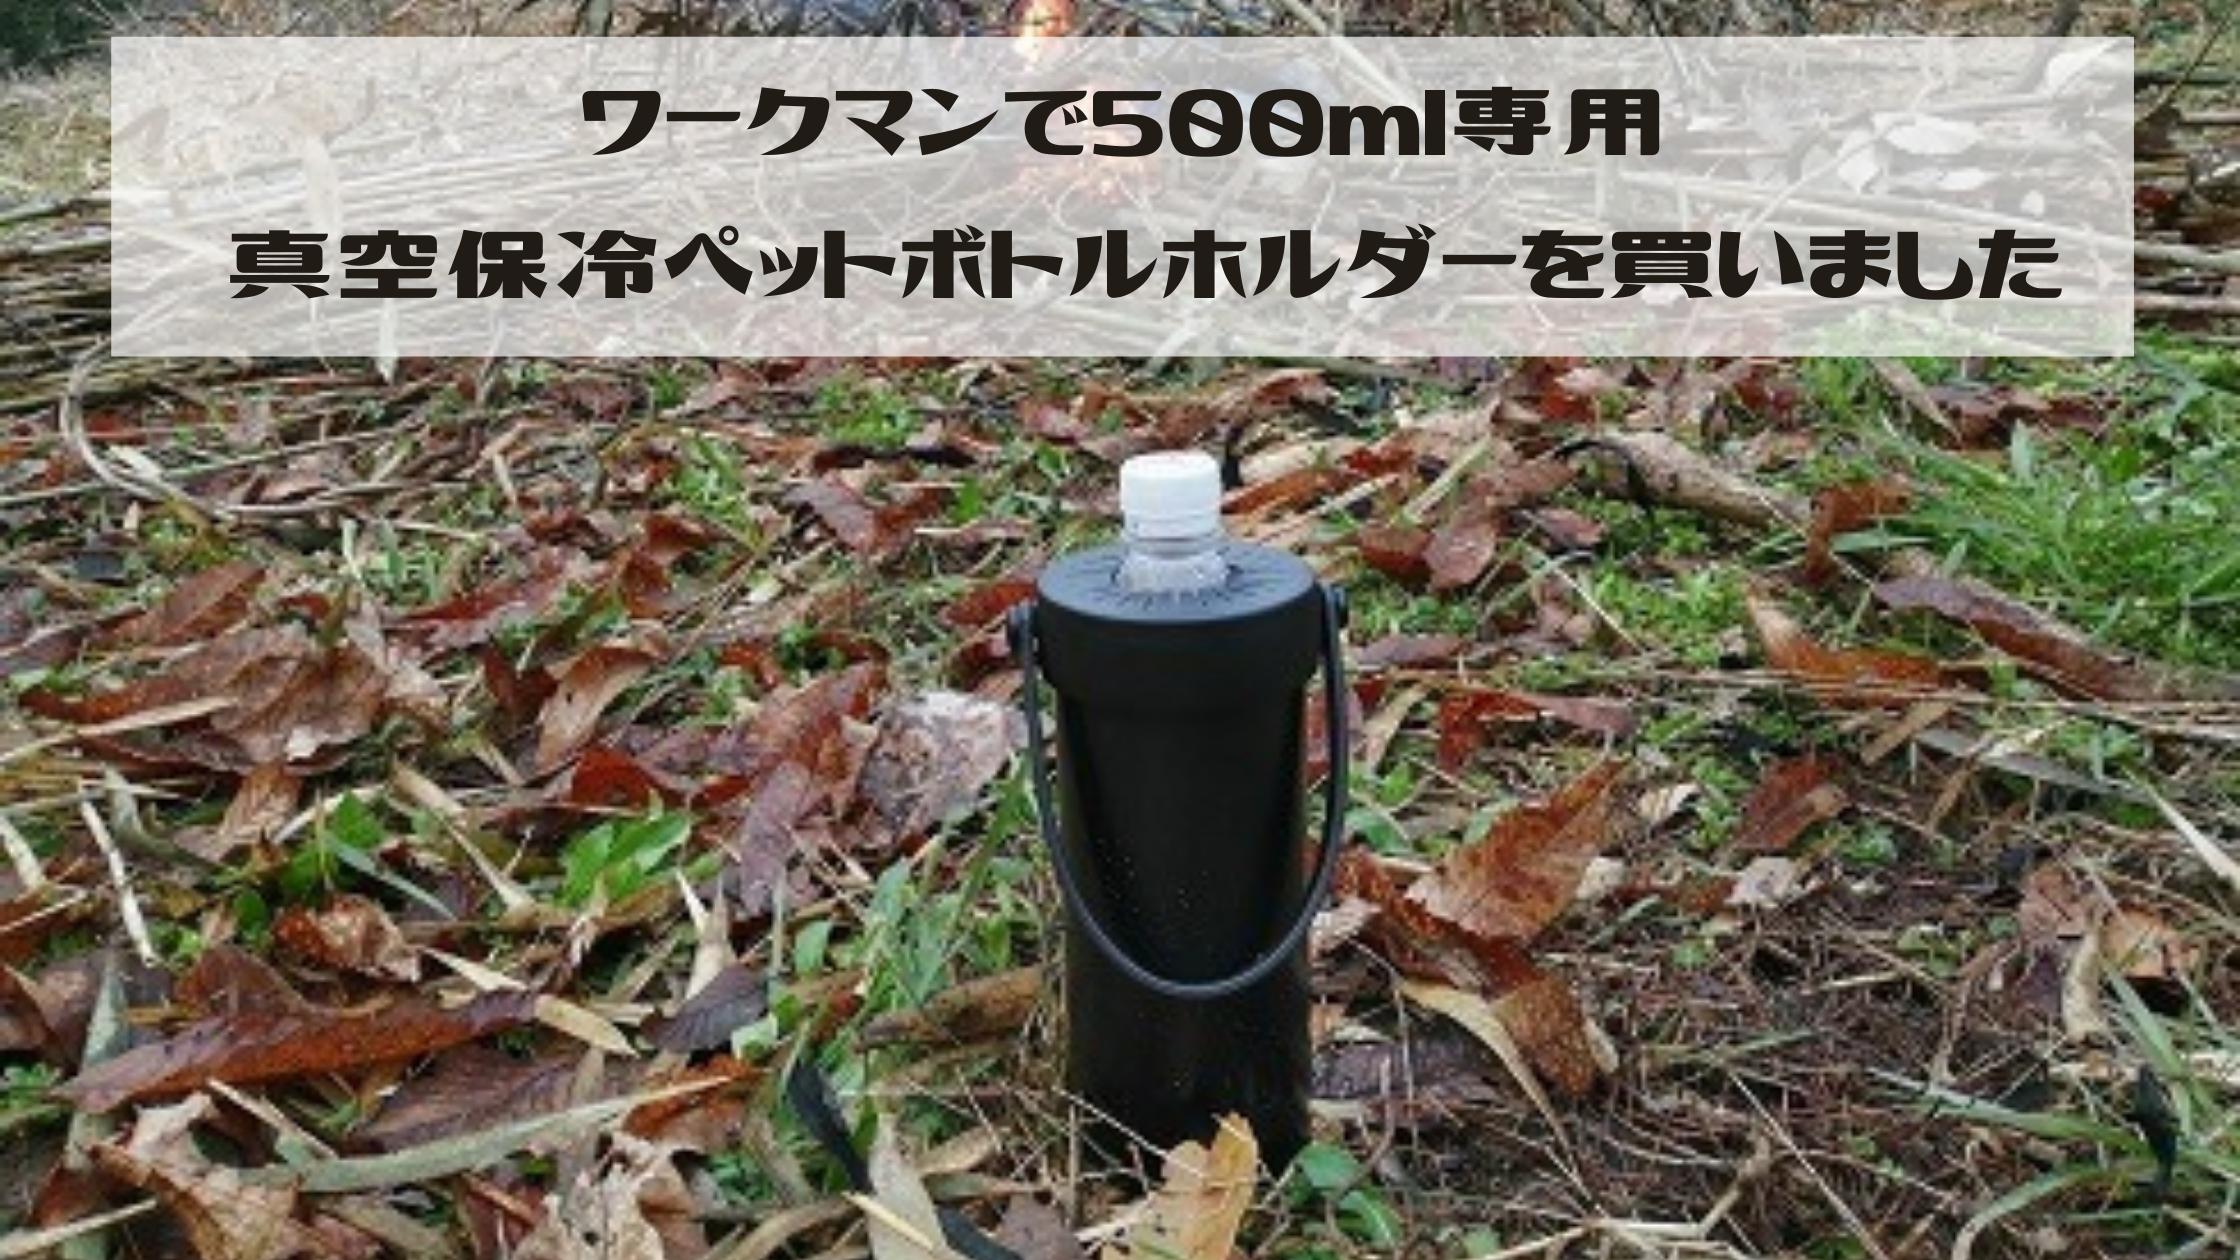 ワークマンで500ml専用、真空保冷ペットボトルホルダーを買いました